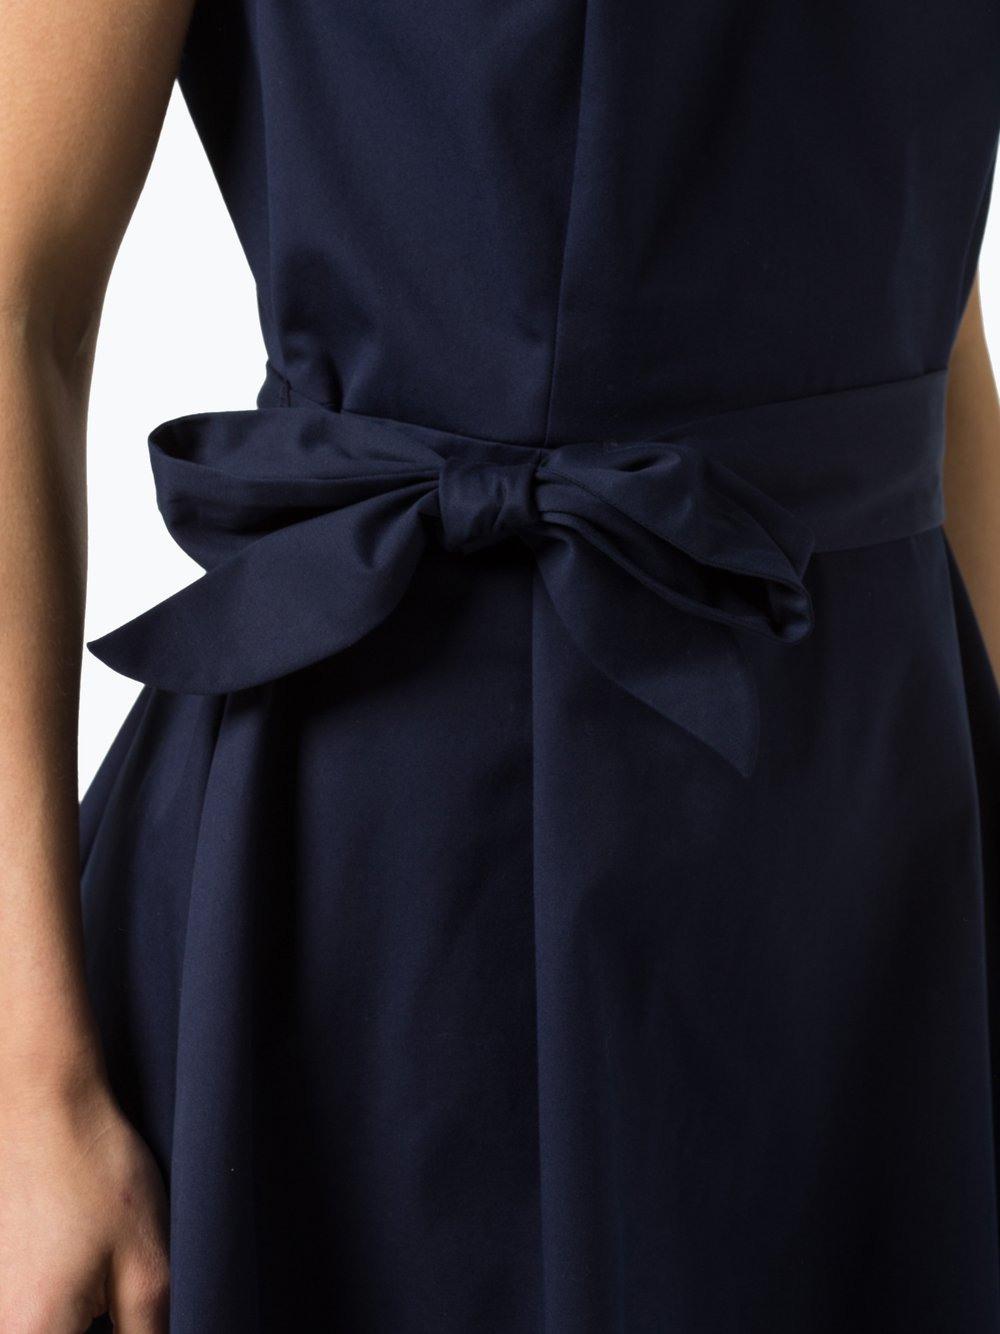 10 Perfekt Boss Abendkleid Stylish - Abendkleid